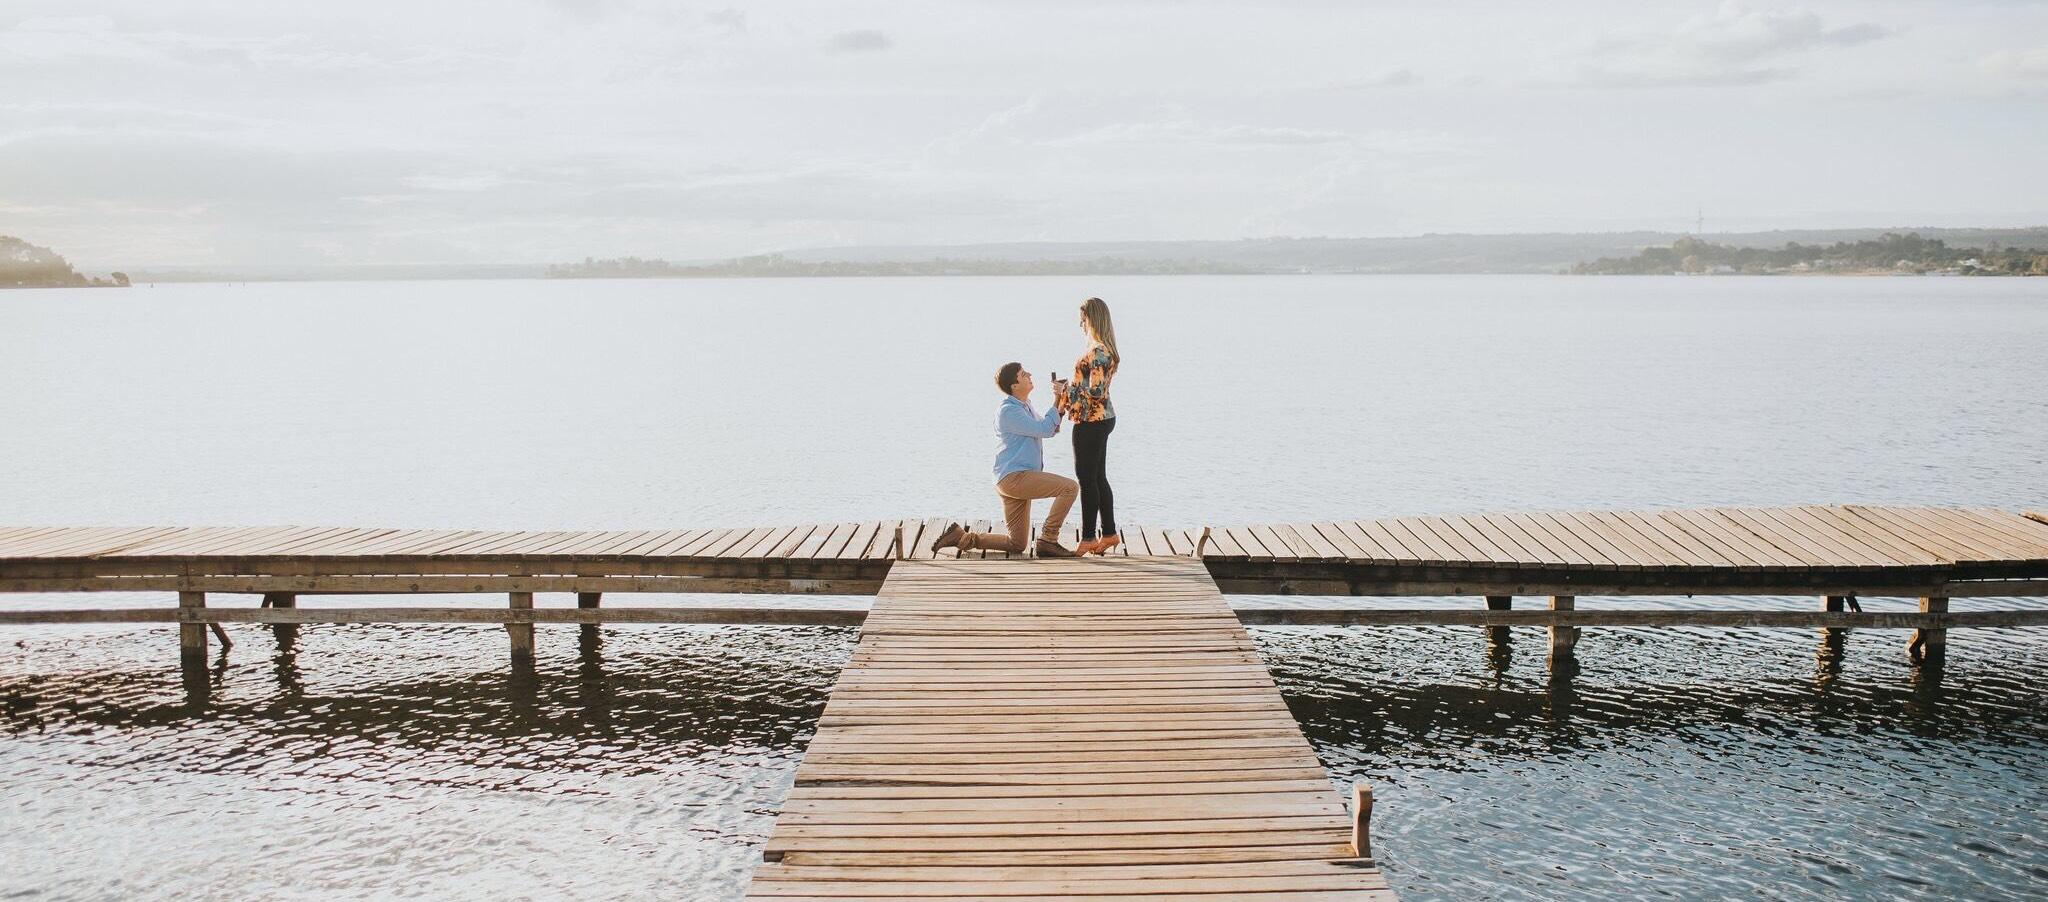 9 razões que vão te convencer a comprar um anel de noivado pela internet